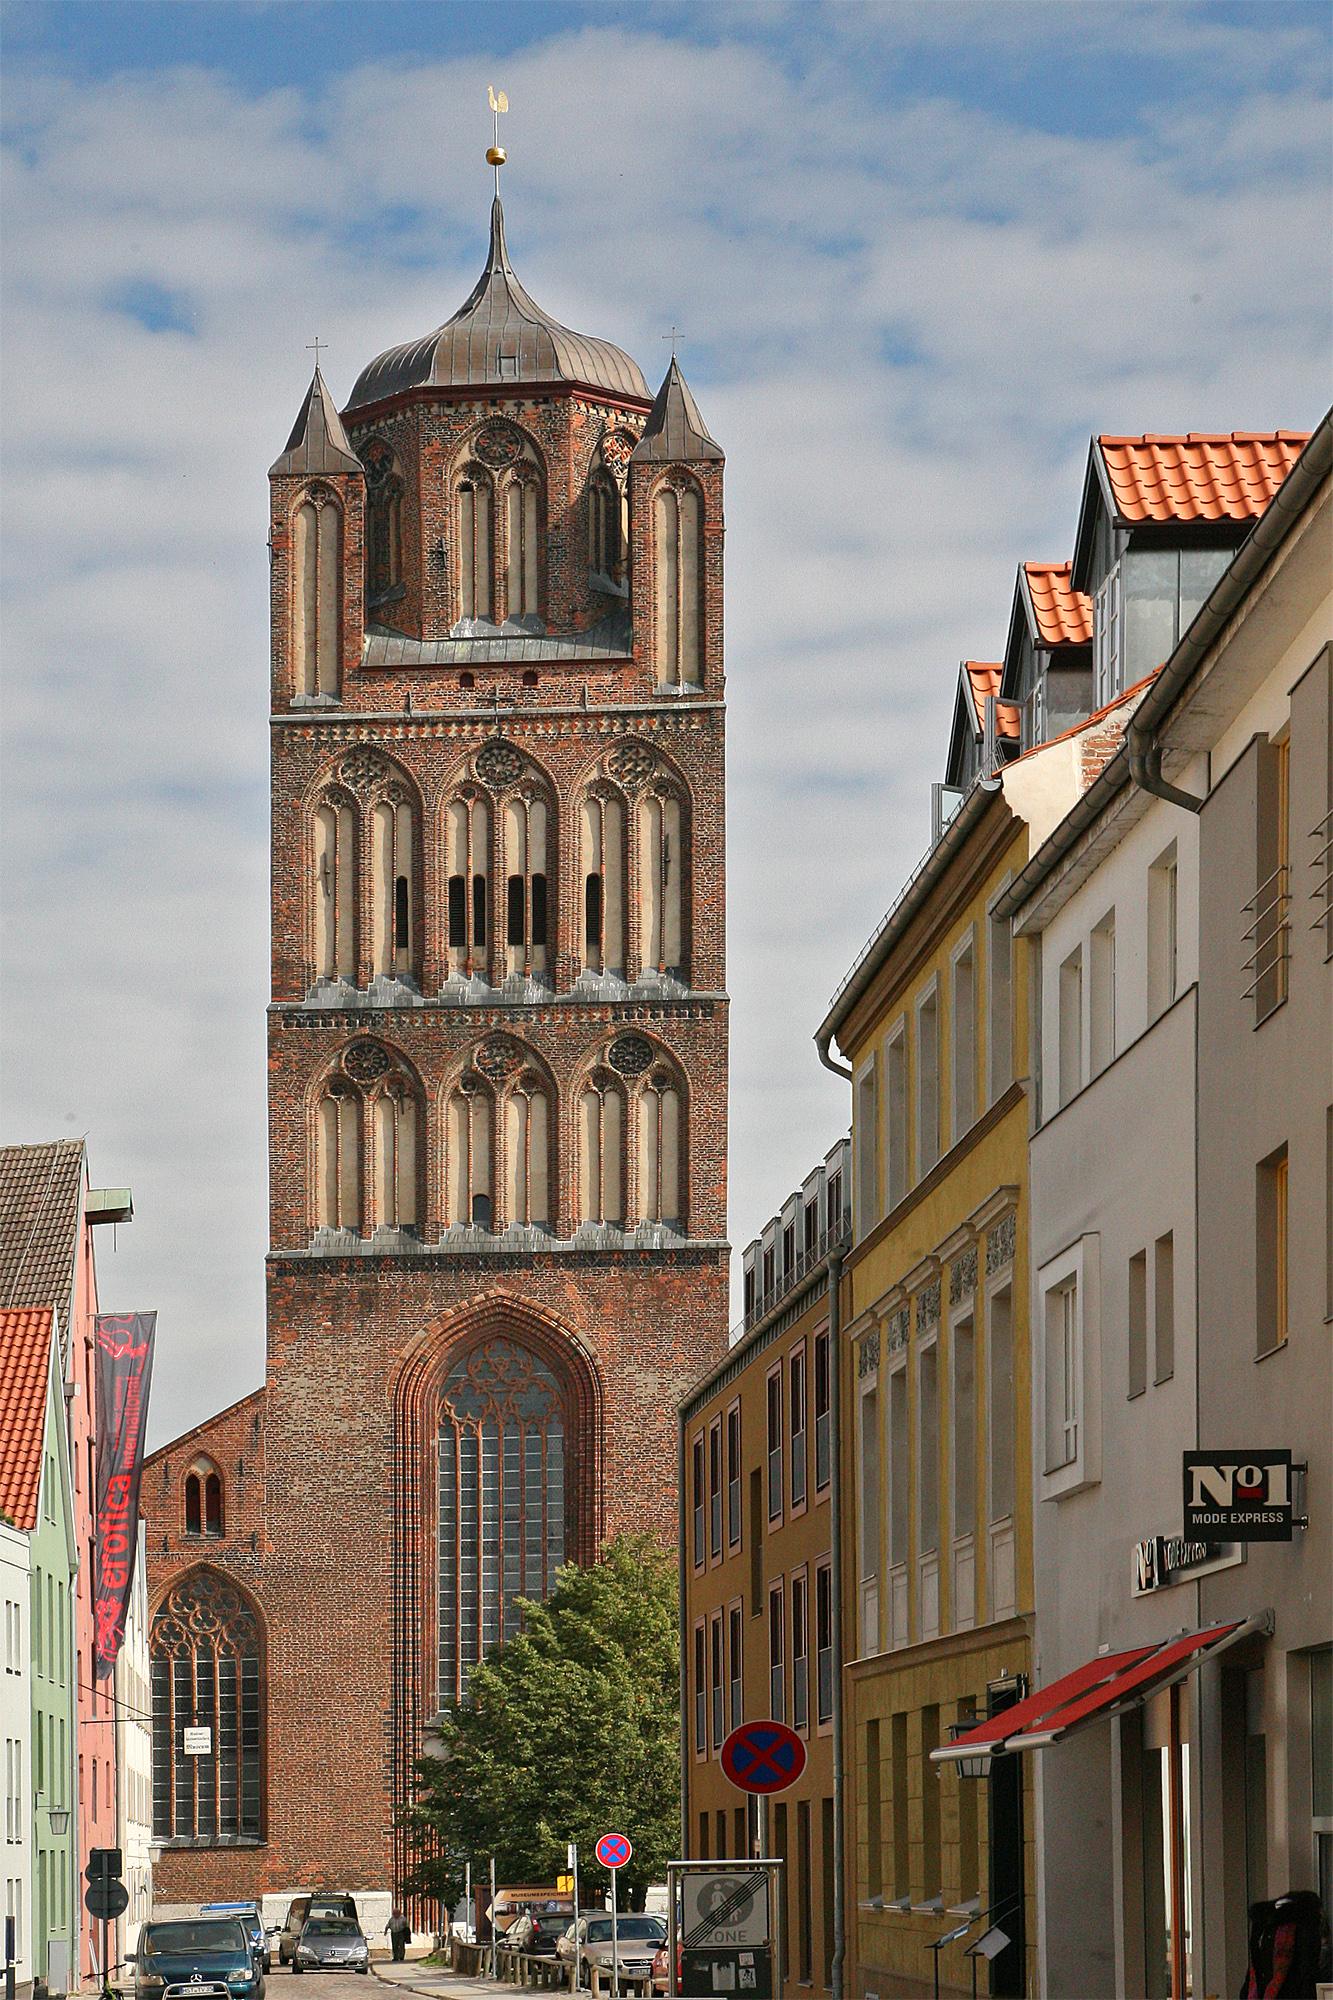 St Jakobi Kirche